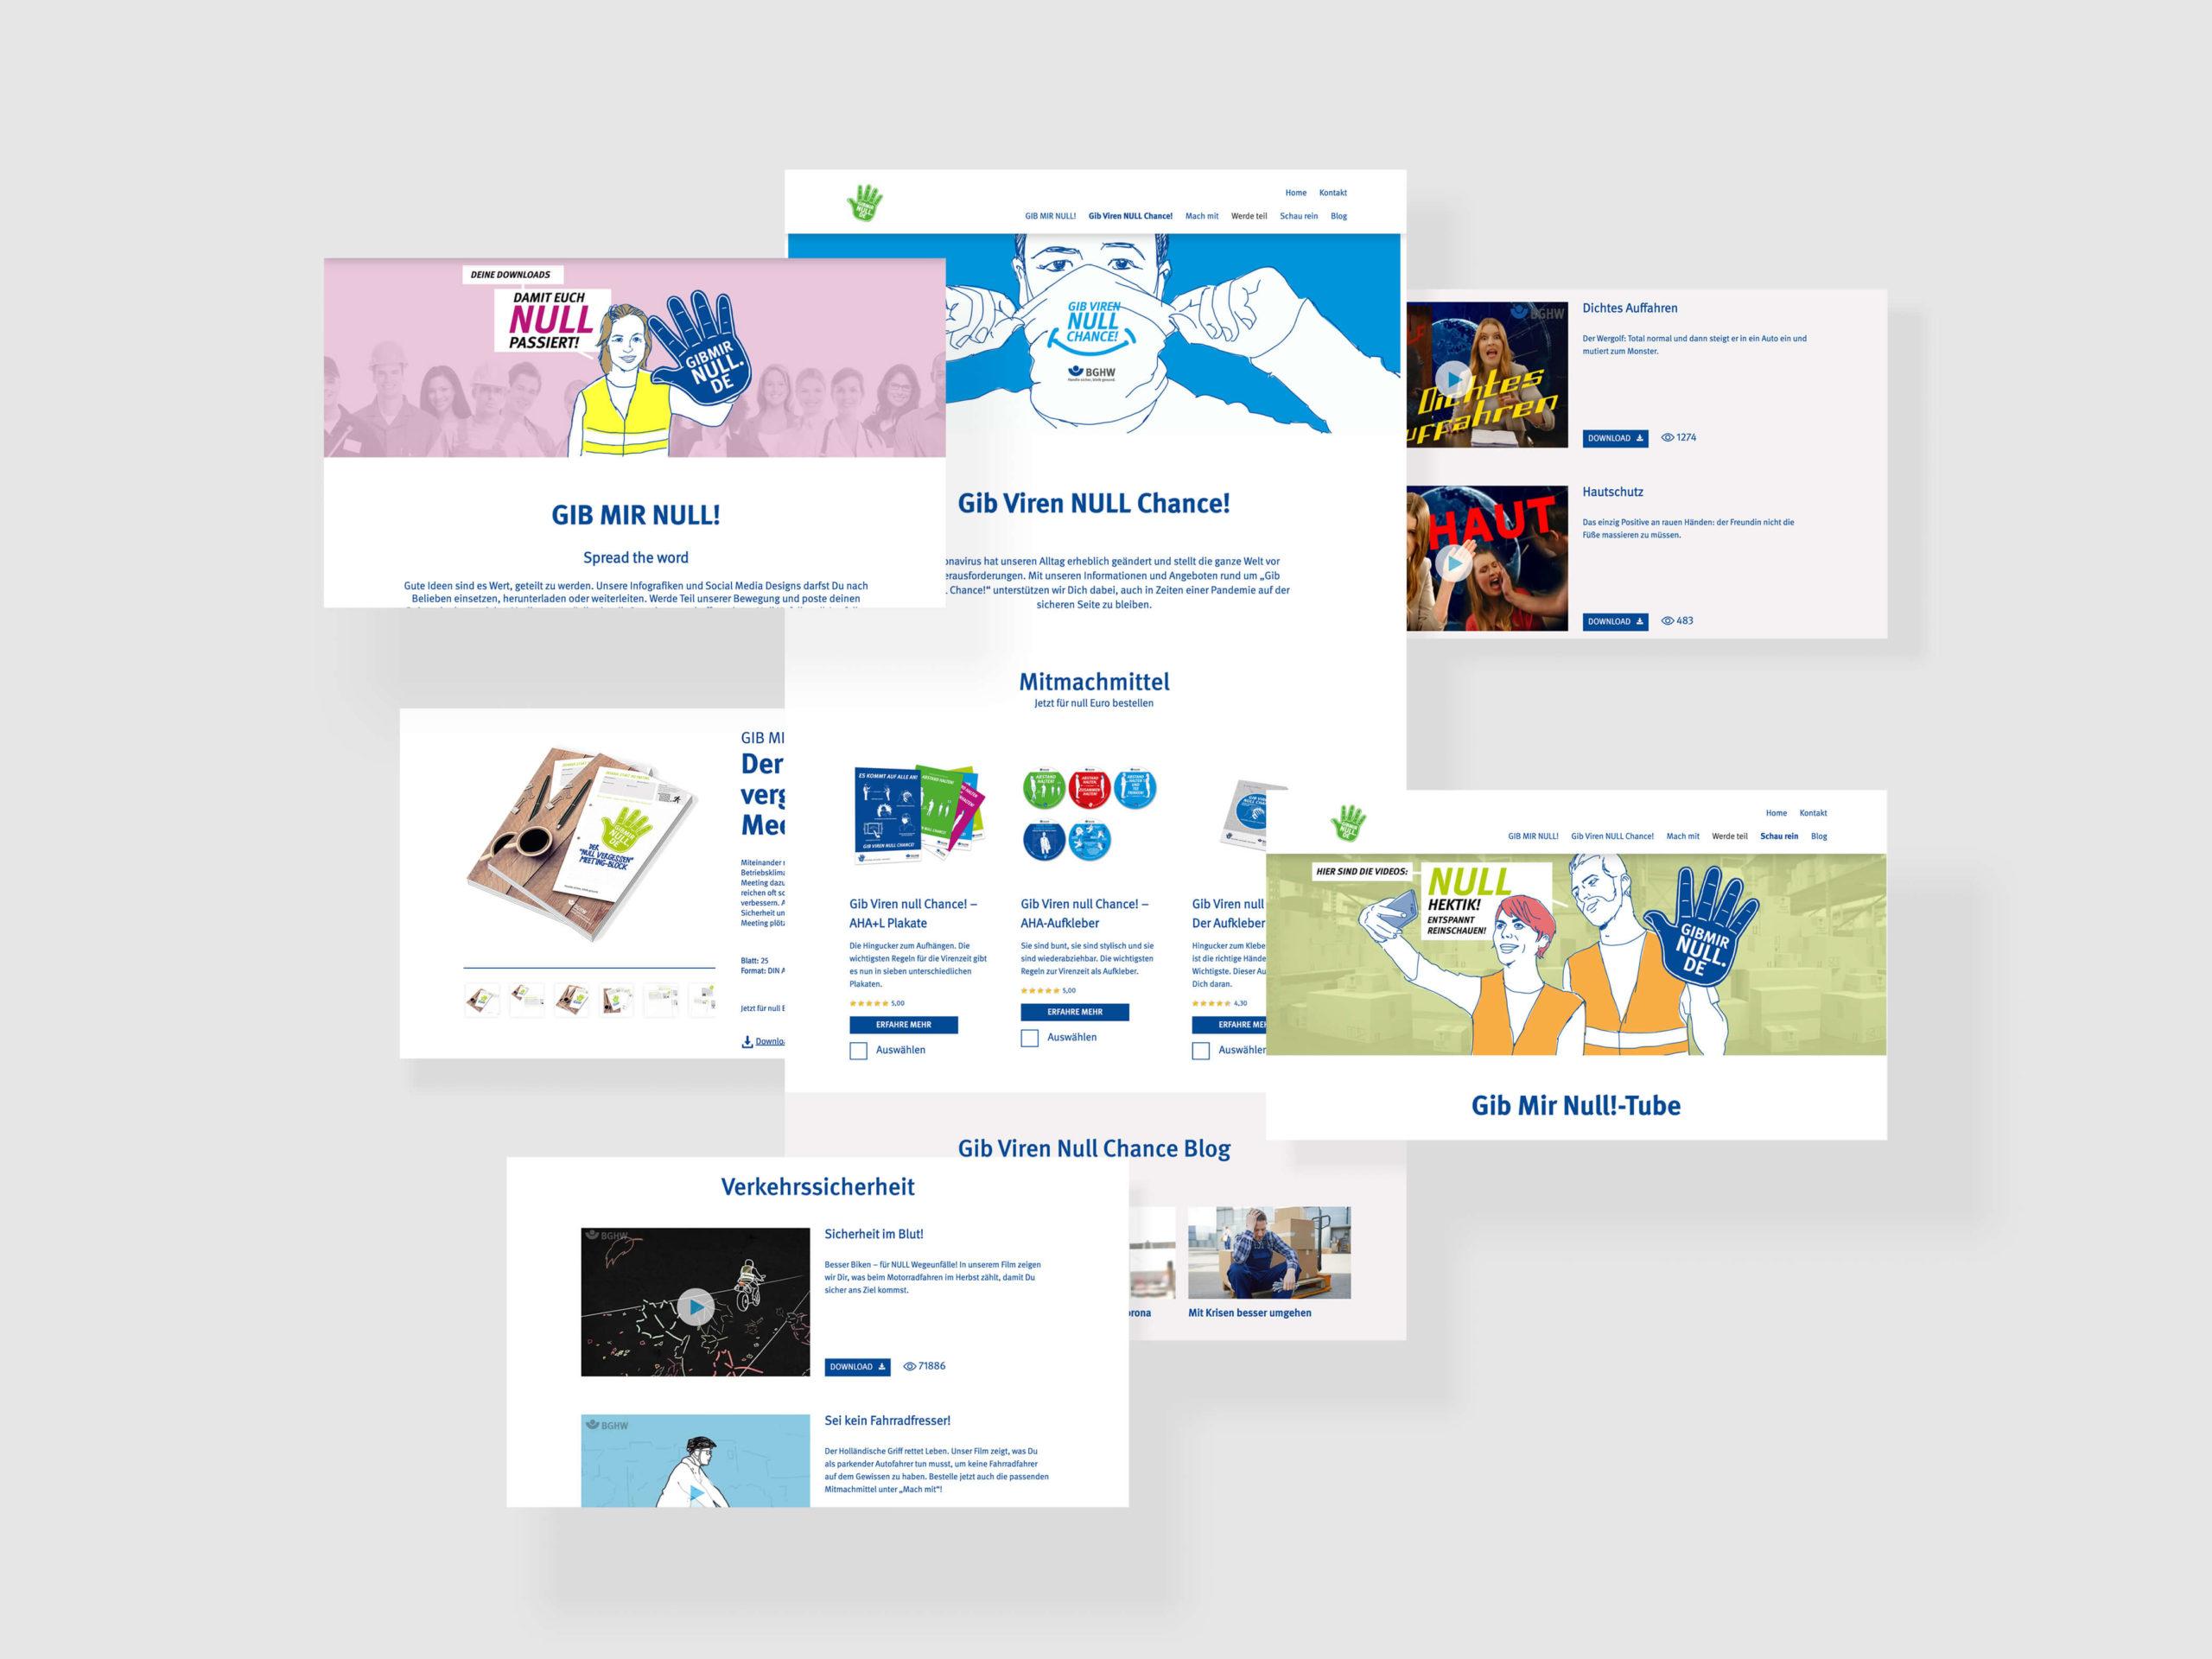 BGHW Gib Viren null Chance Webdesign Homepage und Unterseiten Blog Videoseiten